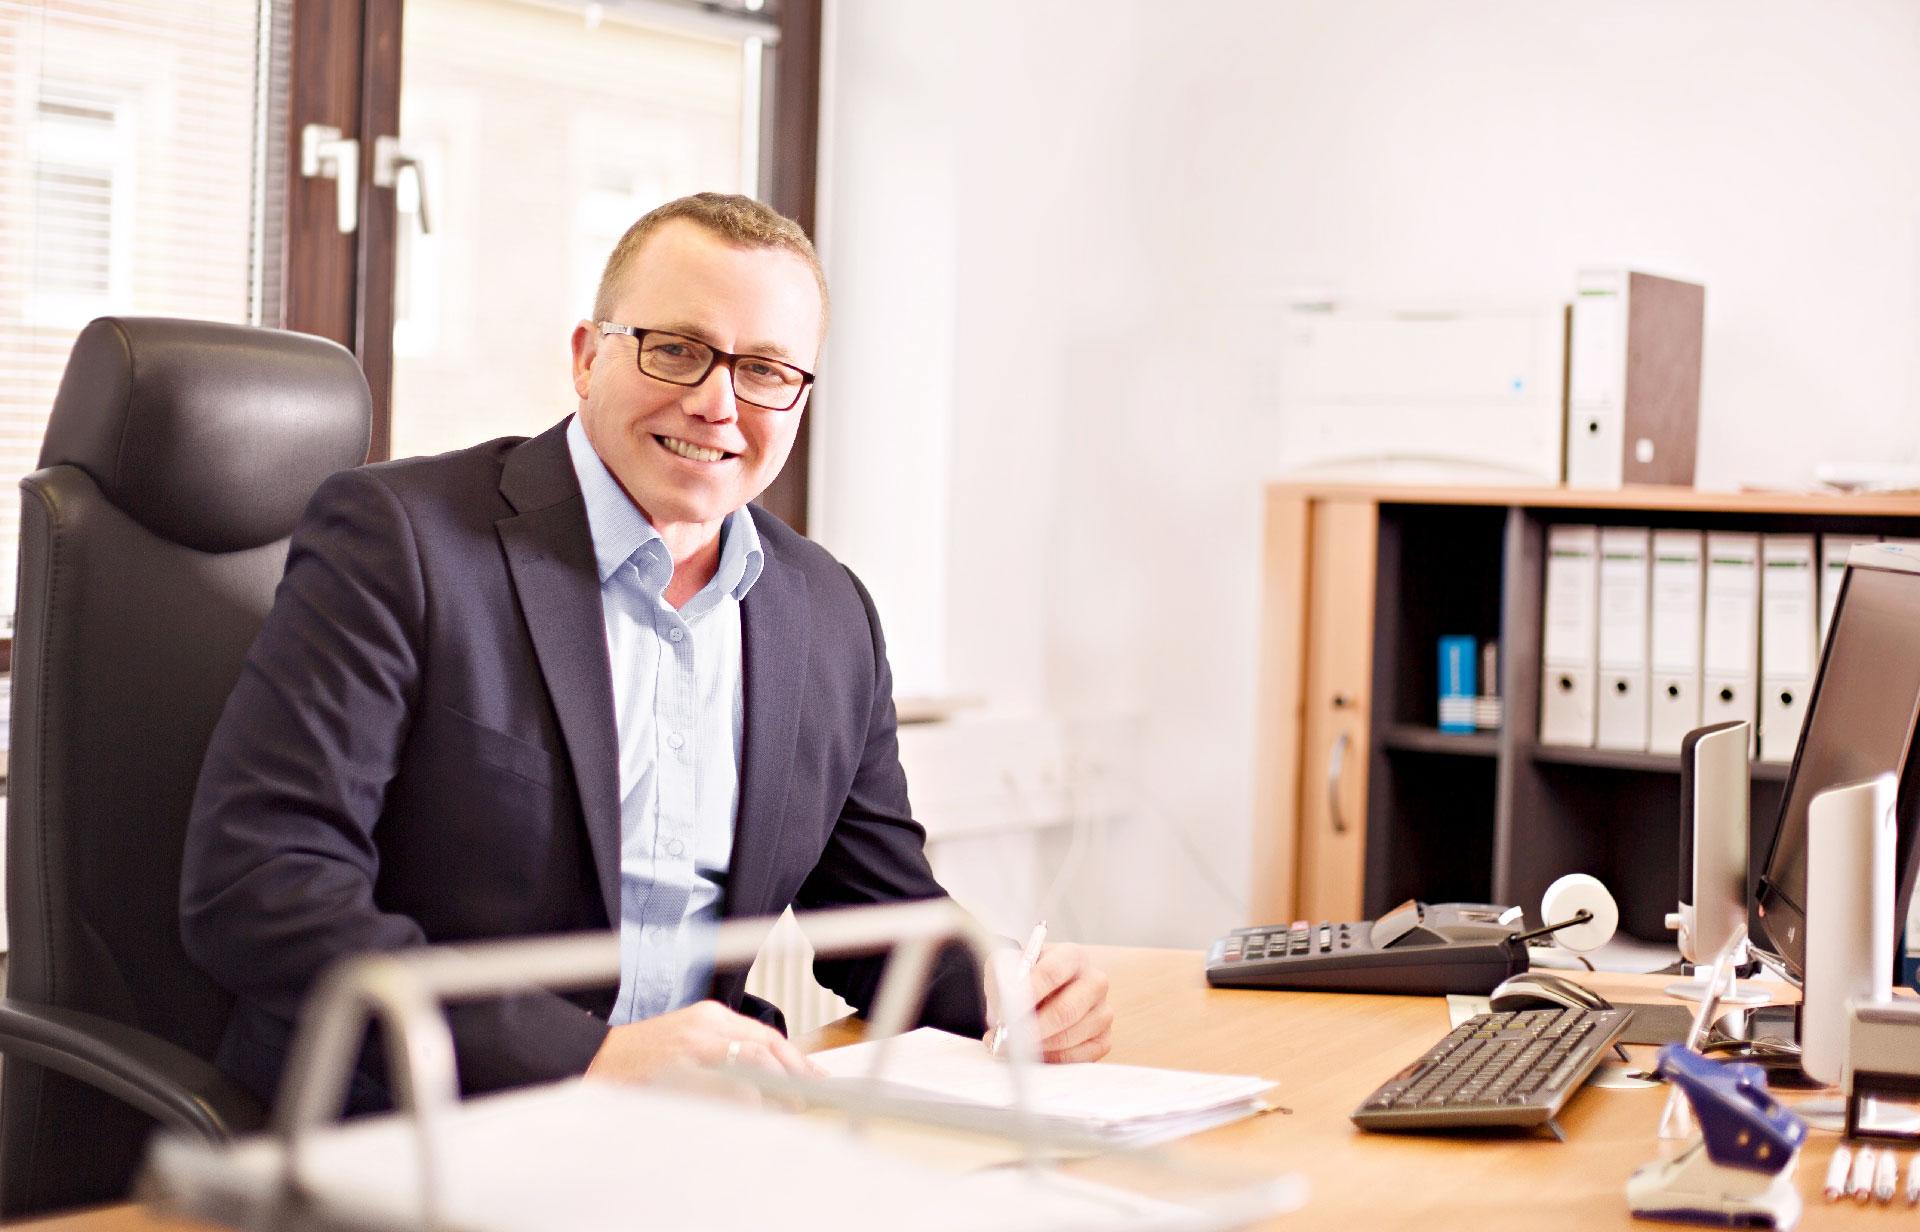 Peter Gemeinhardt, Ihr Steuerberater in Bayreuth